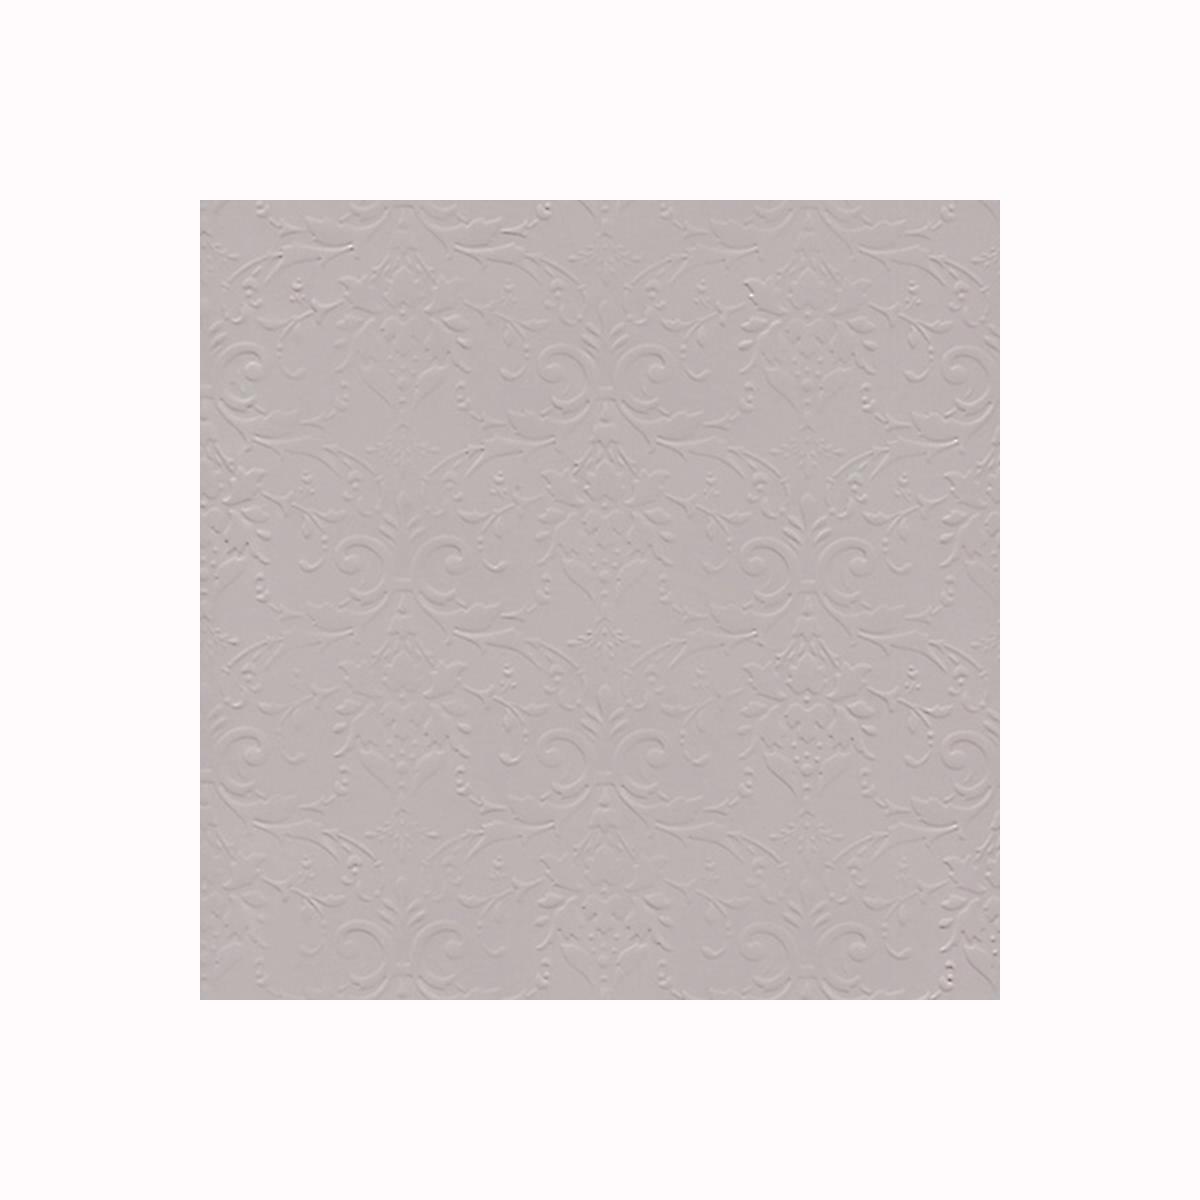 Бумага фактурная Лоза Дамасский узор, цвет: серый, 3 листа582975_БР003-8 серыйФактурная бумага для скрапбукинга Лоза Дамасский узор позволит создать красивый альбом, фоторамку или открытку ручной работы, оформить подарок или аппликацию. Набор включает в себя 3 листа из плотной бумаги. Скрапбукинг - это хобби, которое способно приносить массу приятных эмоций не только человеку, который этим занимается, но и его близким, друзьям, родным. Это невероятно увлекательное занятие, которое поможет вам сохранить наиболее памятные и яркие моменты вашей жизни, а также интересно оформить интерьер дома.Плотность бумаги: 200 г/м2.